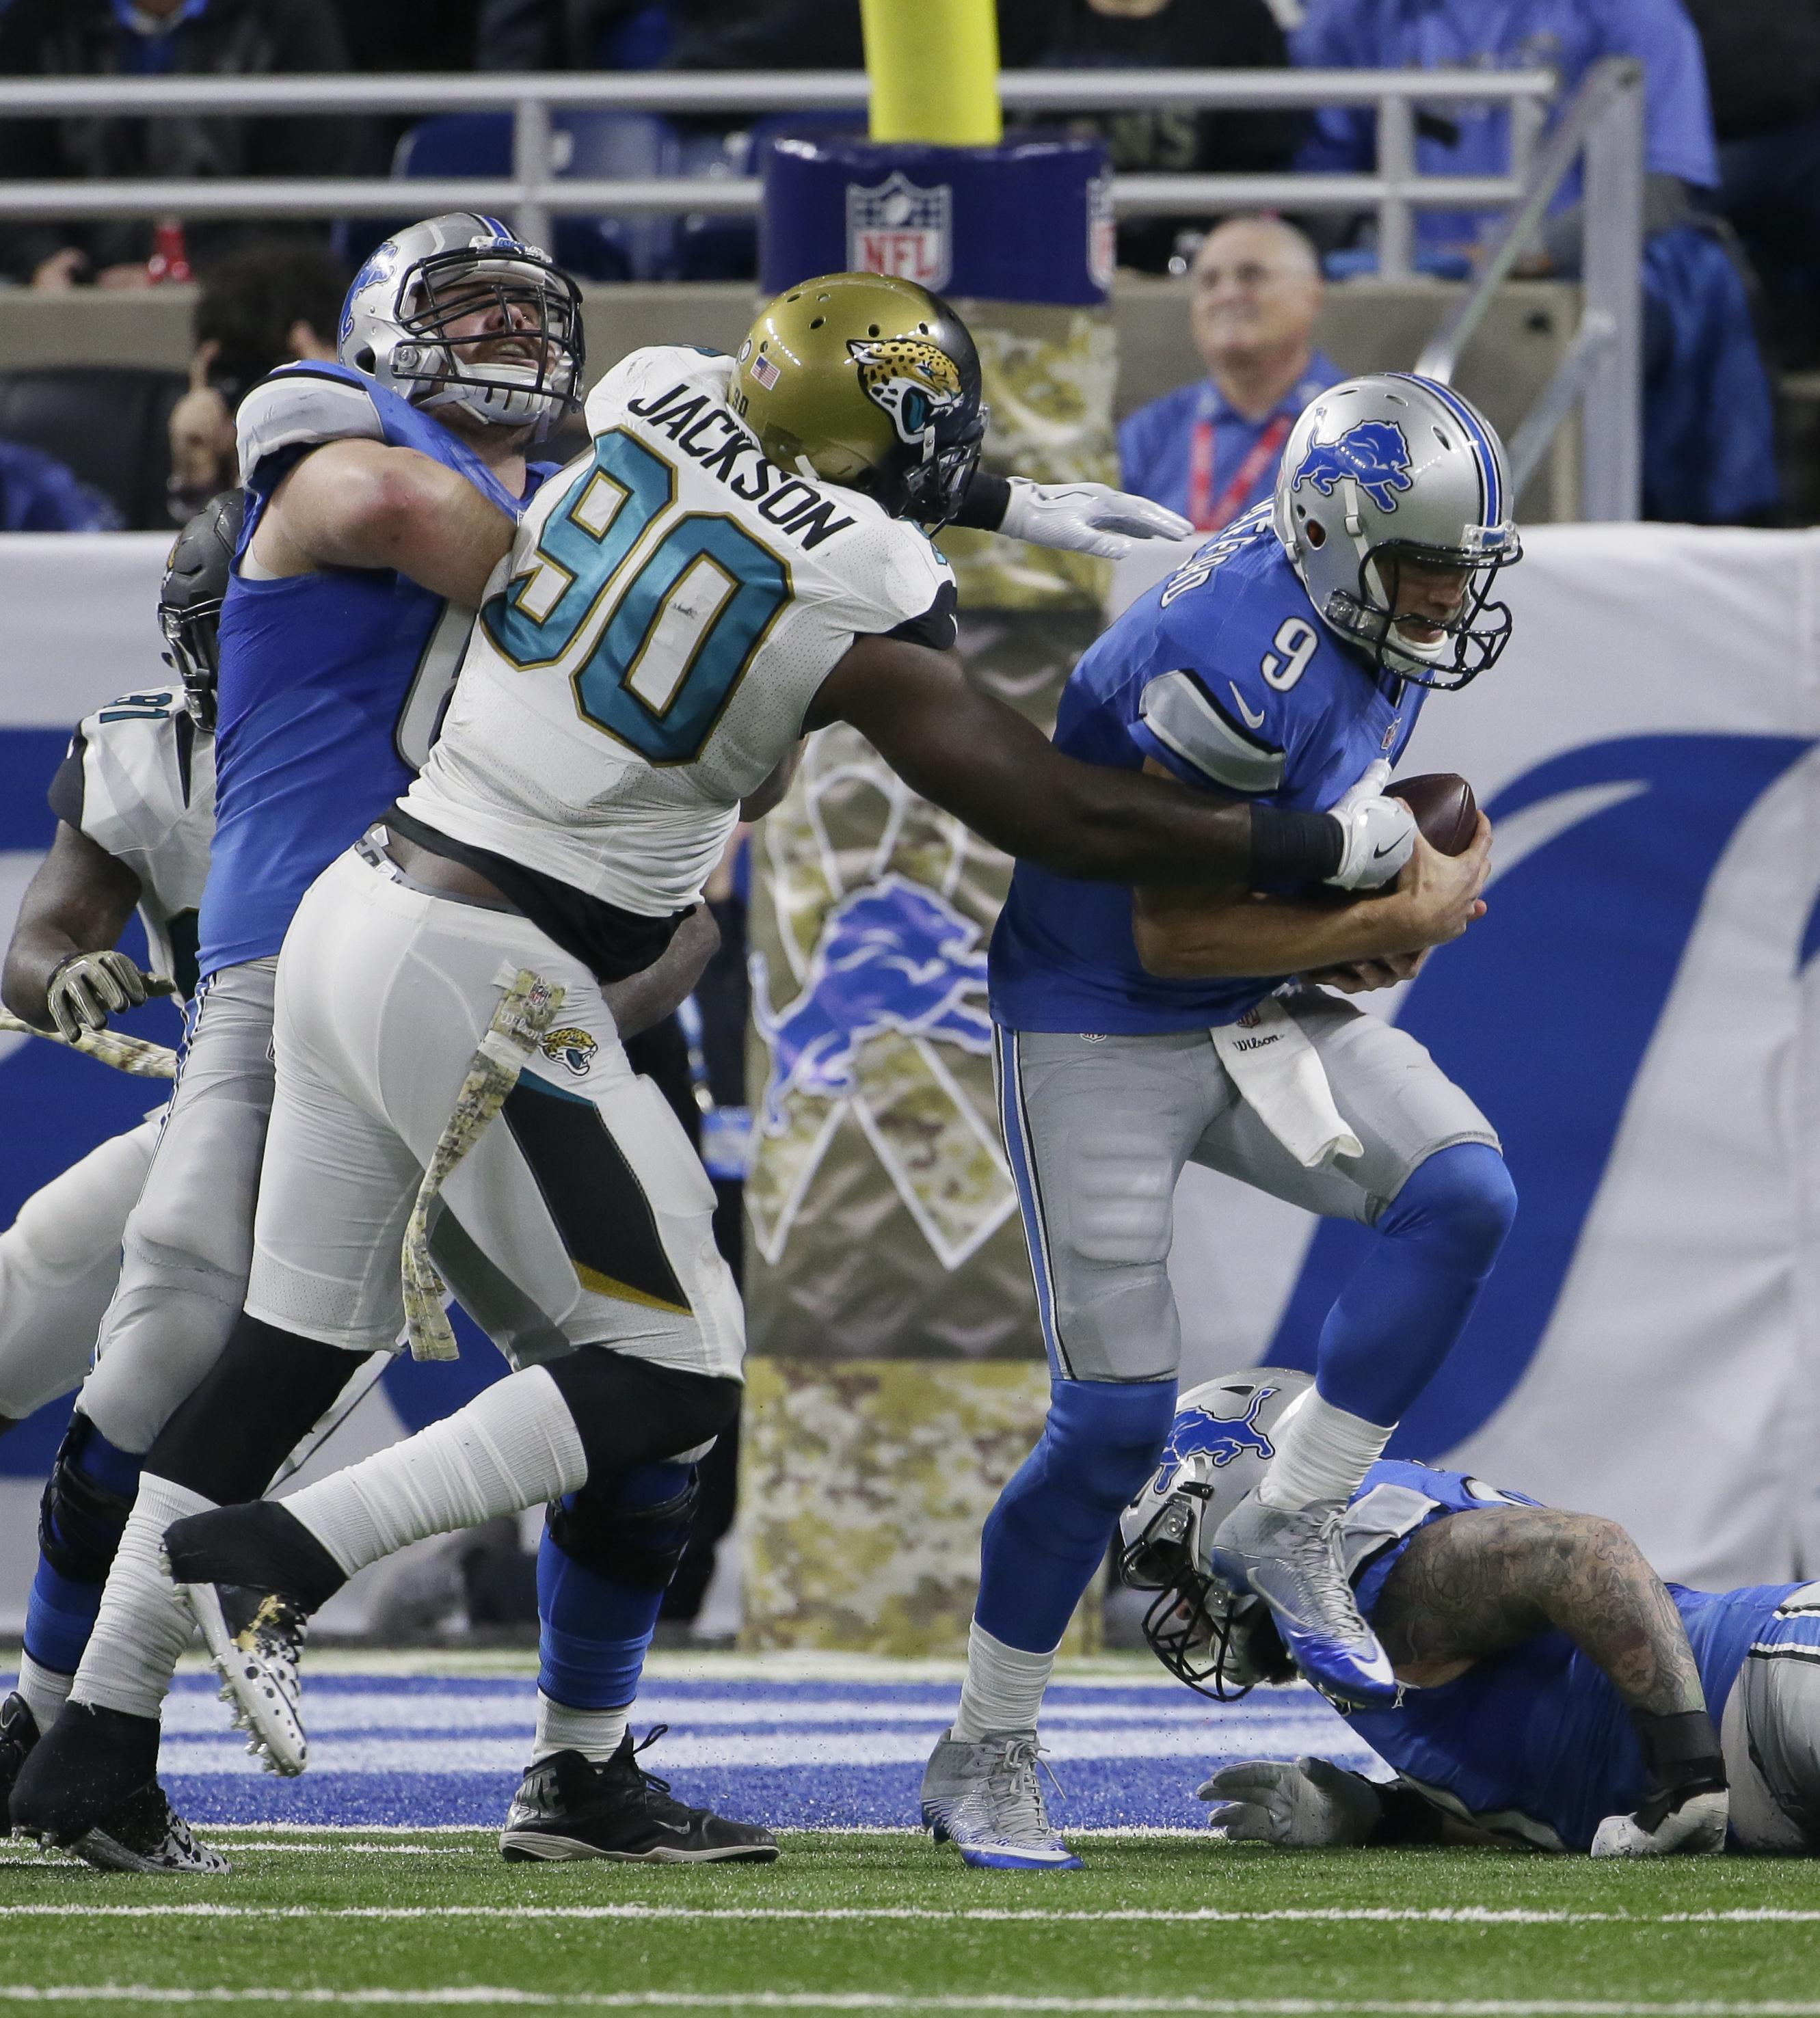 Broncos_jaguars_football